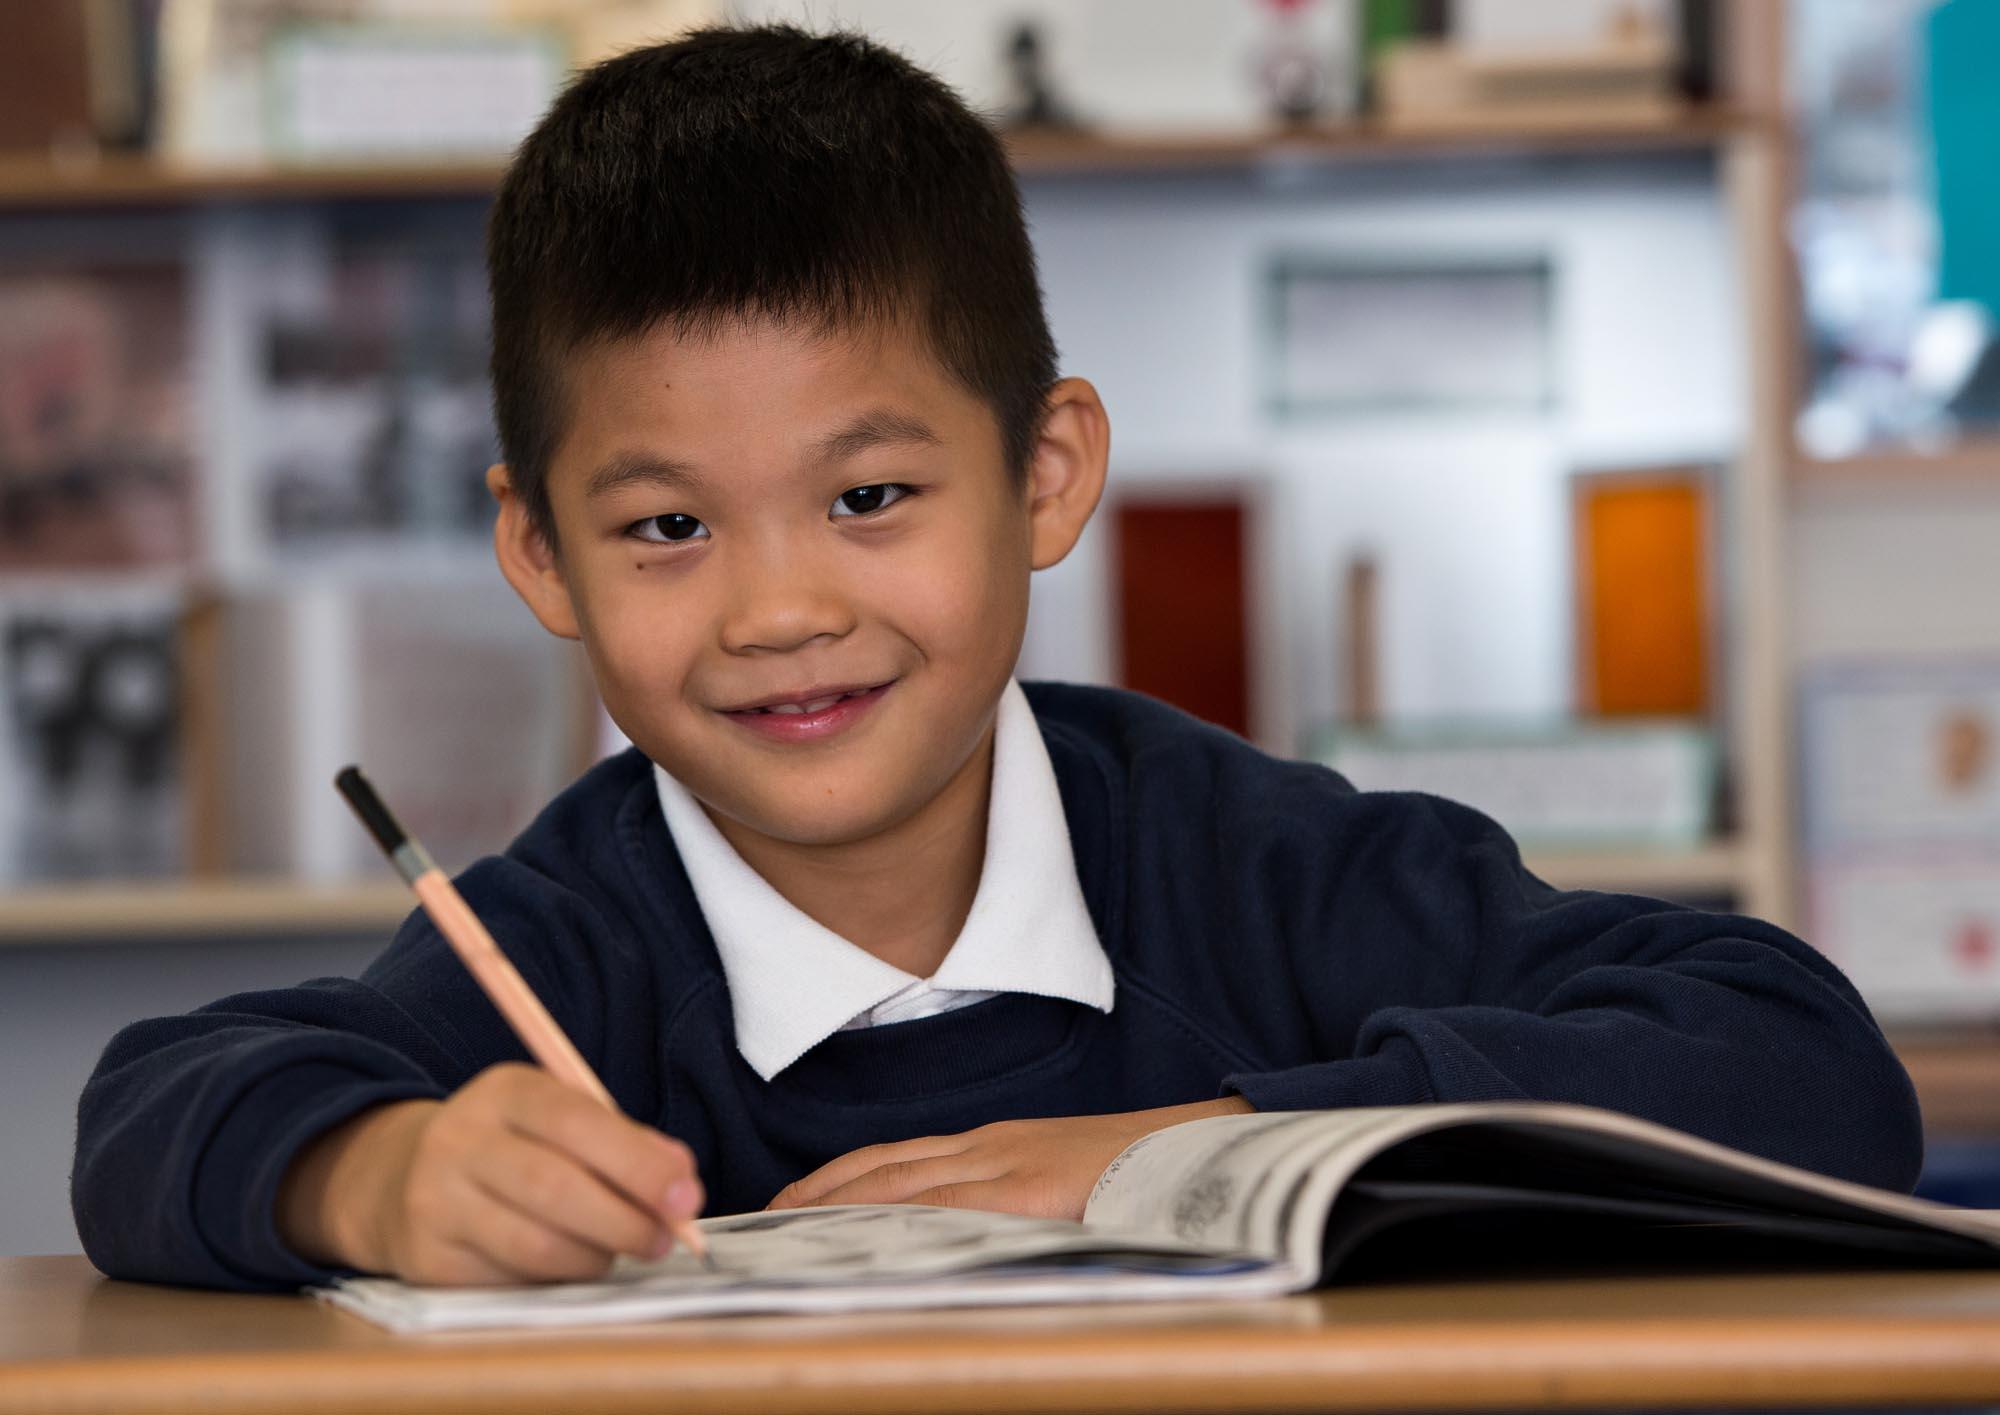 Child sketching